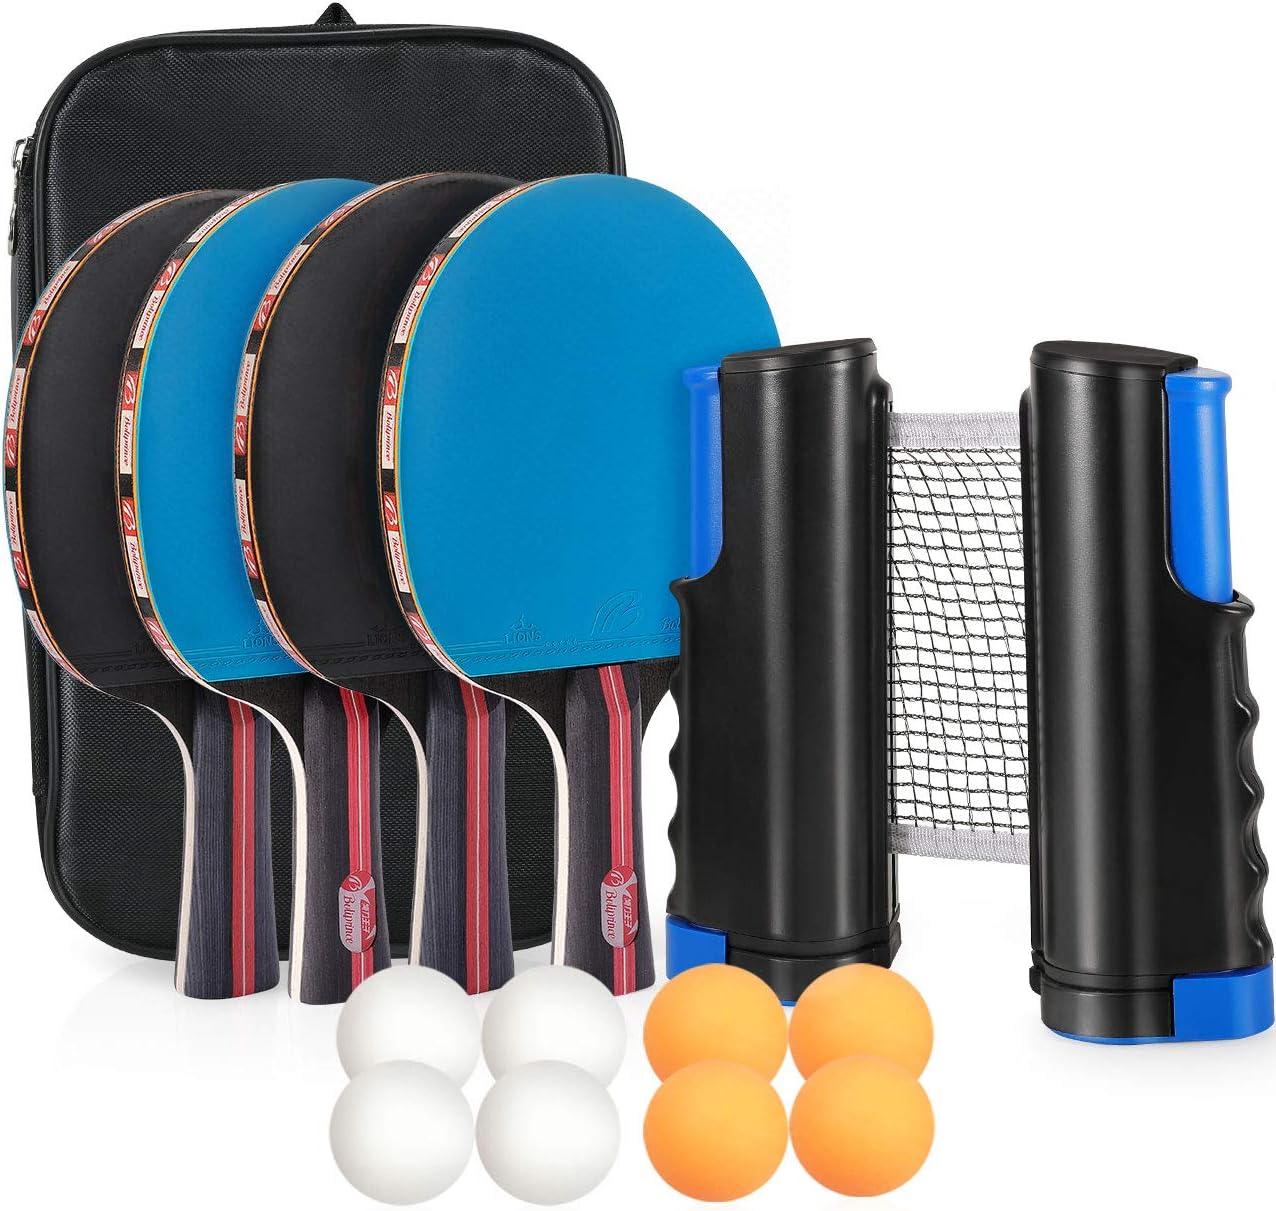 Tencoz Sets de Ping Pong, Raquetas de Tenis de Mesa con 4 Palas de Ping Pong Profesional, 8 Pelotas de Ping Pong, Red de Tenis de Mesa para Interior y Al Aire Libre